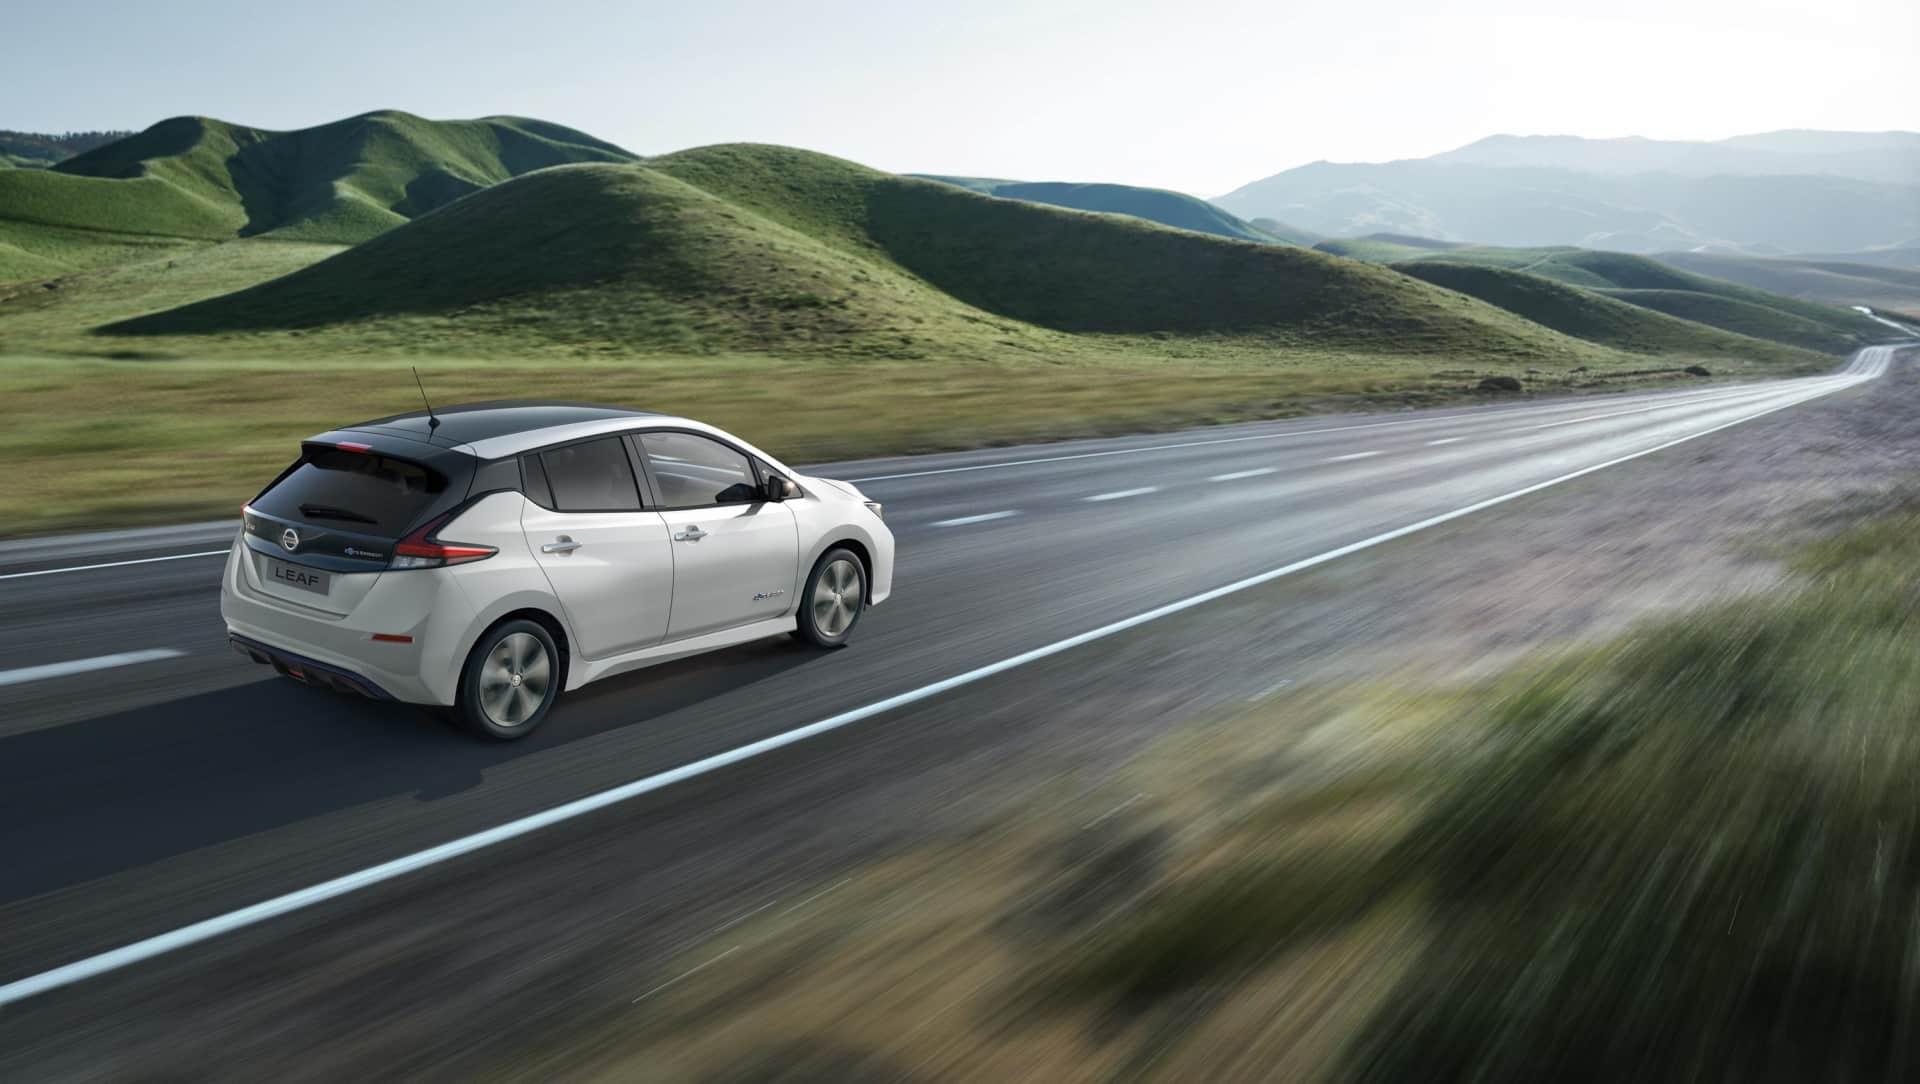 Forhåndssalg Nye Nissan Leaf 3.ZERO e+ Limited Edition